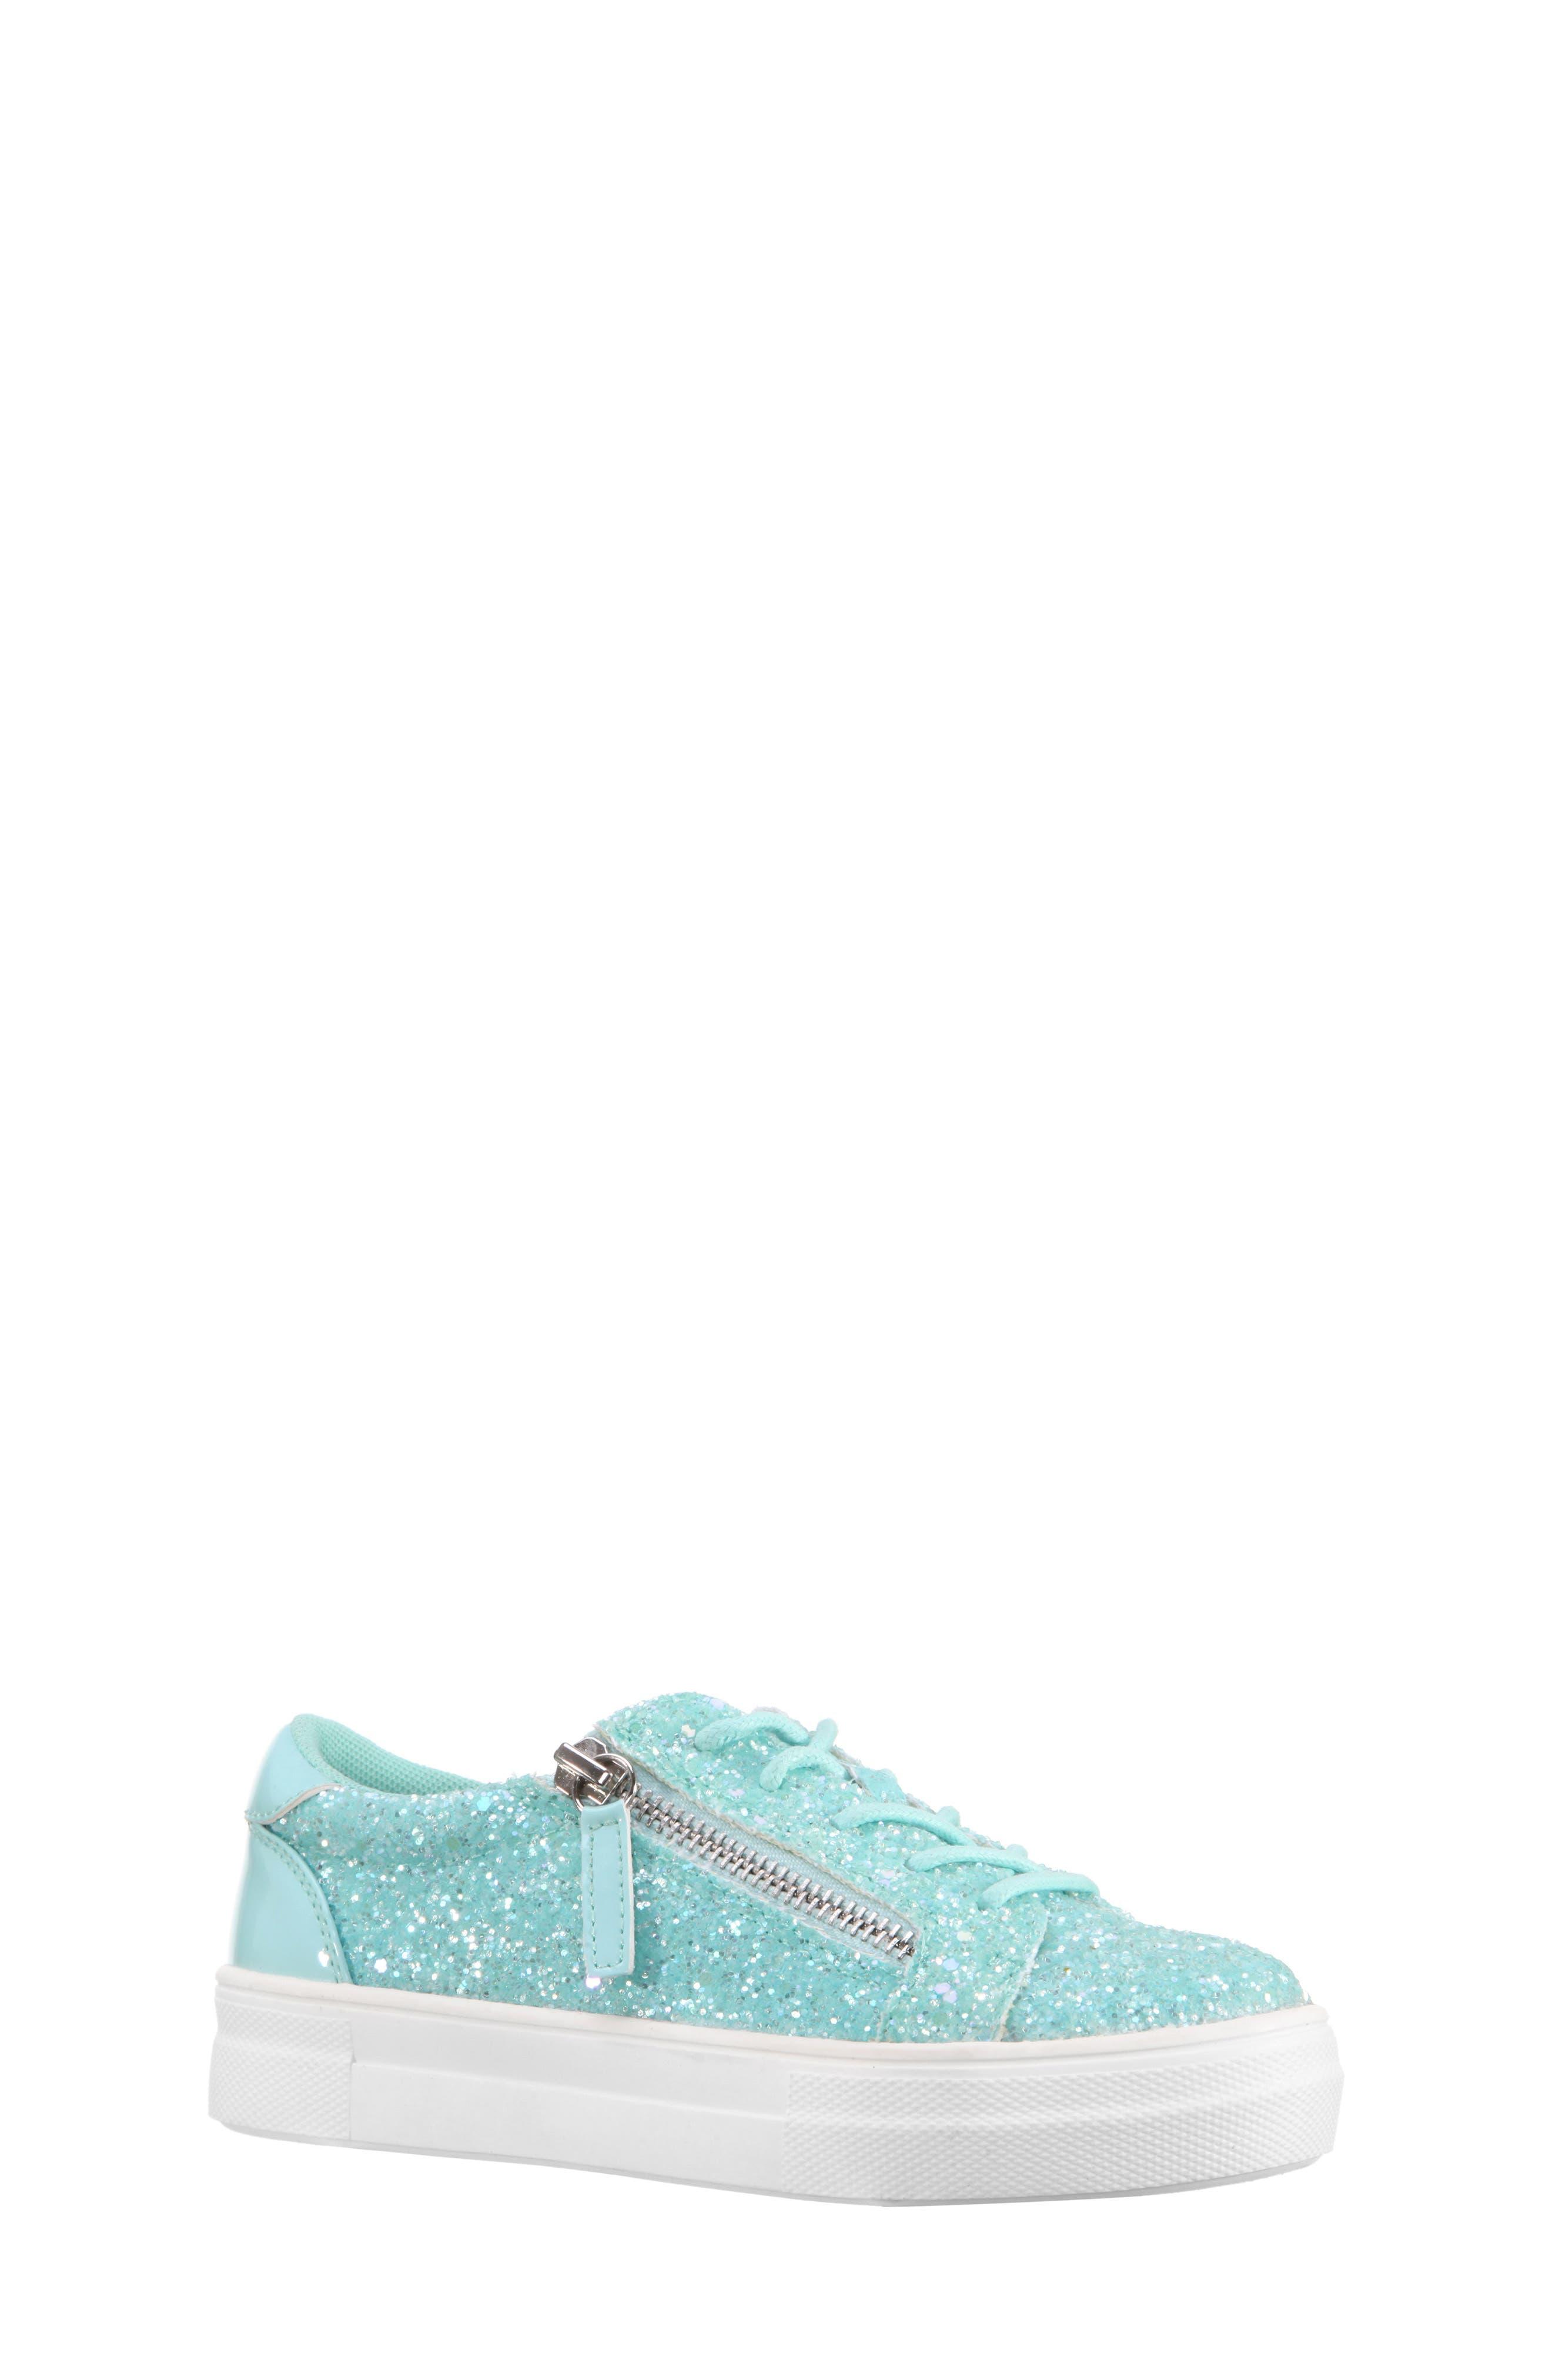 Jennalyn Glitter Sneaker,                         Main,                         color, 440